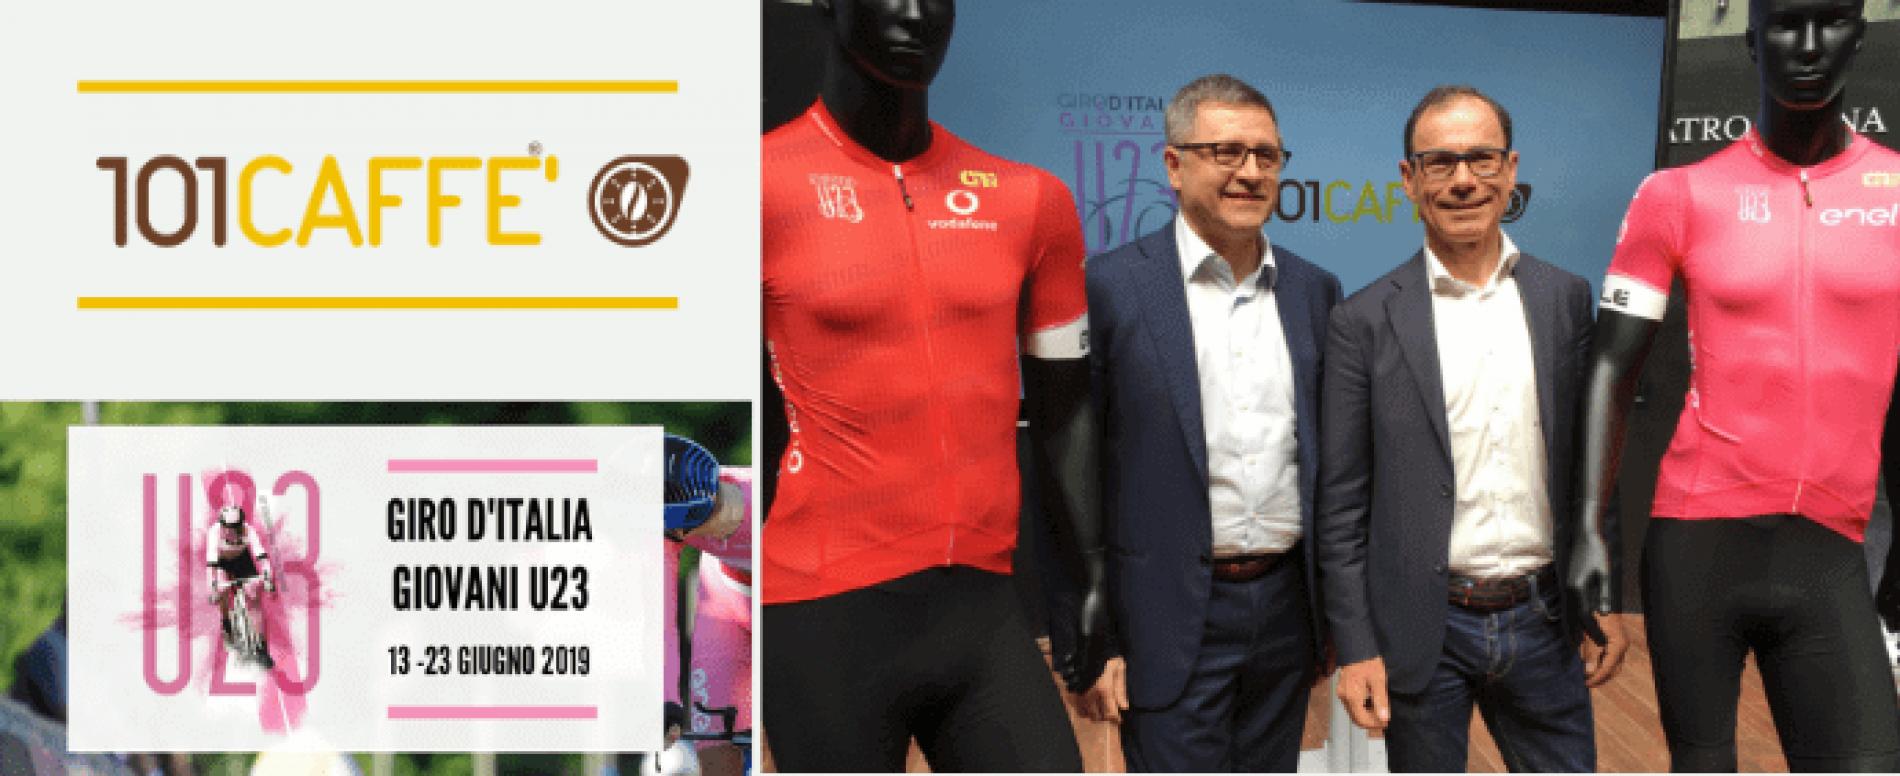 101CAFFE' è silver sponsor del Giro d'Italia Under 23